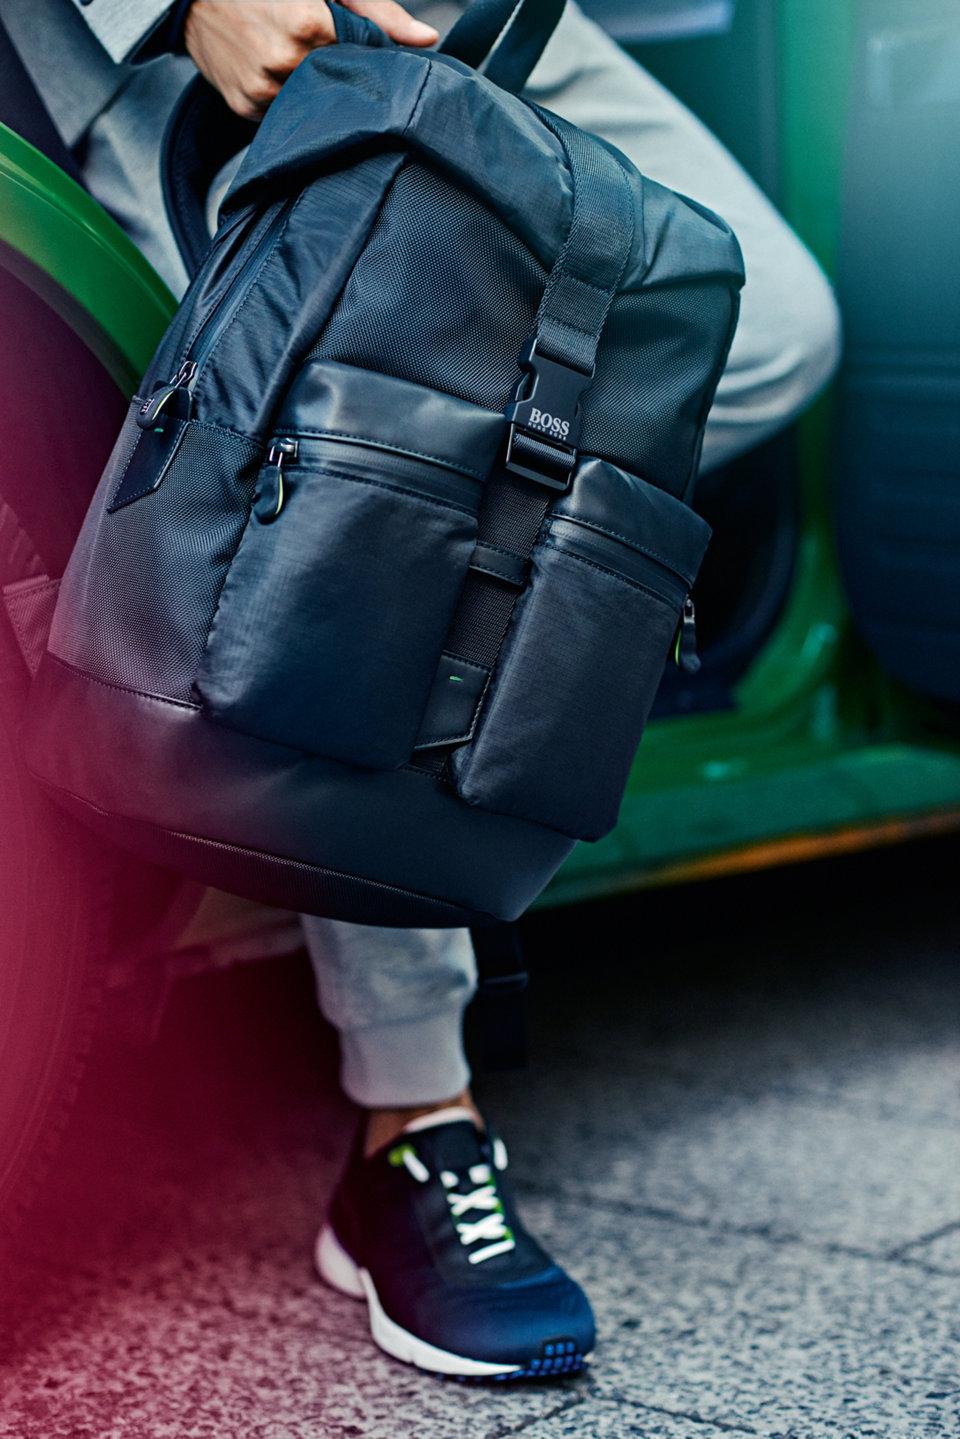 Couleurs unies puristes et imprimés éclatants: sacs à dos et sacs devoyage aux différents designs pour une escapadedeweekend